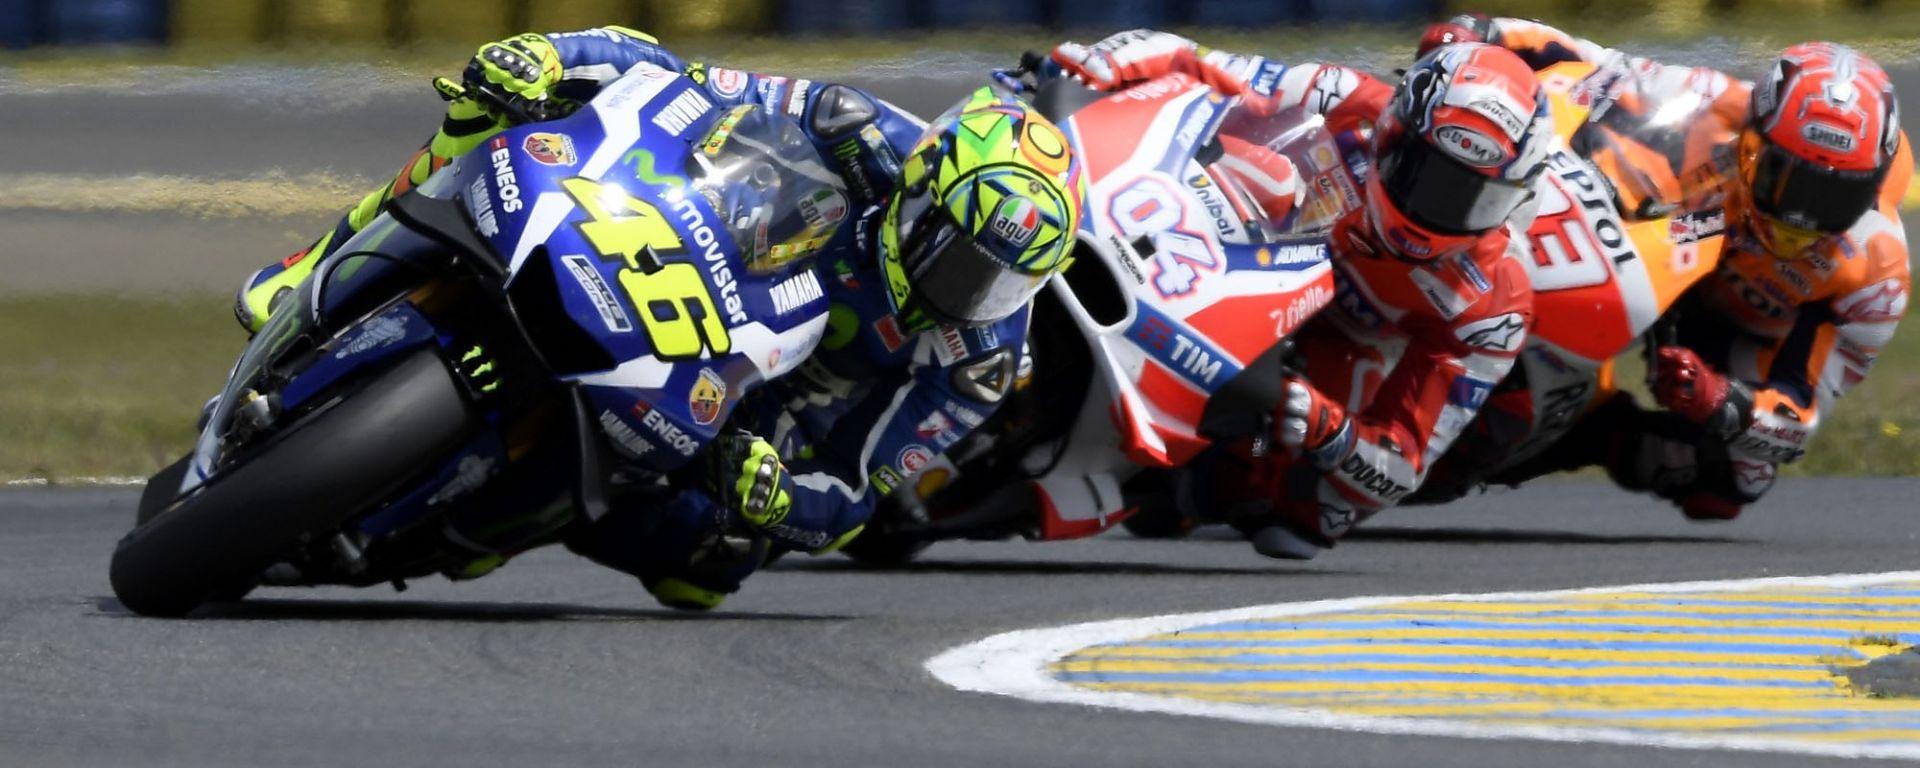 MOTOGP 2017: MotoGP Mugello 2017: gli orari della diretta tv di prove libere, qualifiche e gare ...